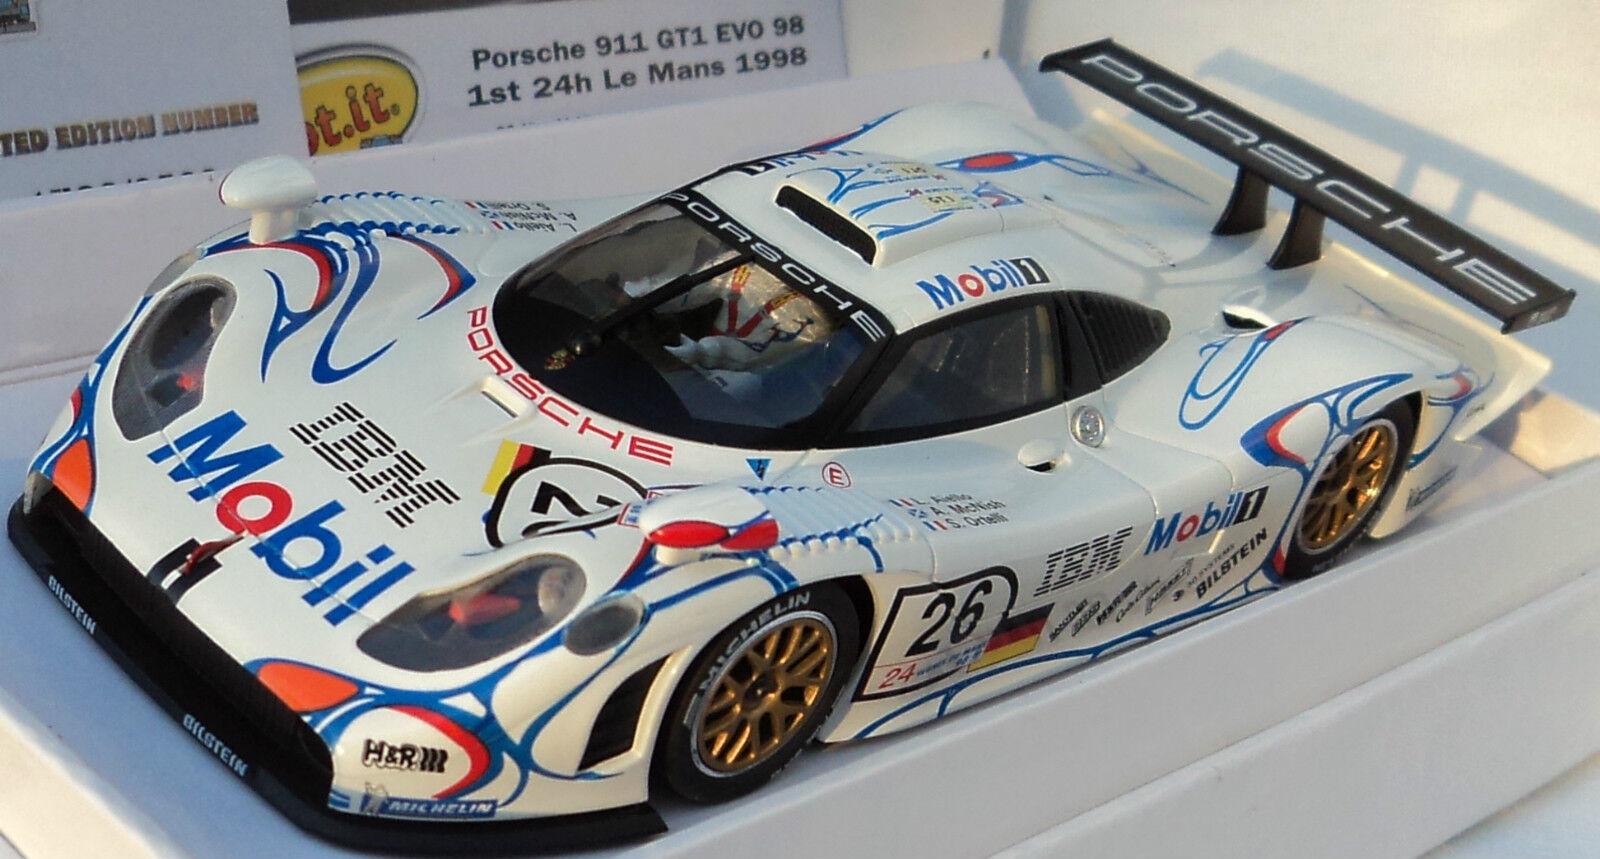 Slot it SICW 13 PORSCHE 911 GT1 Evolution 98 édition limitée Mobil Le Mans 1 32 CW13